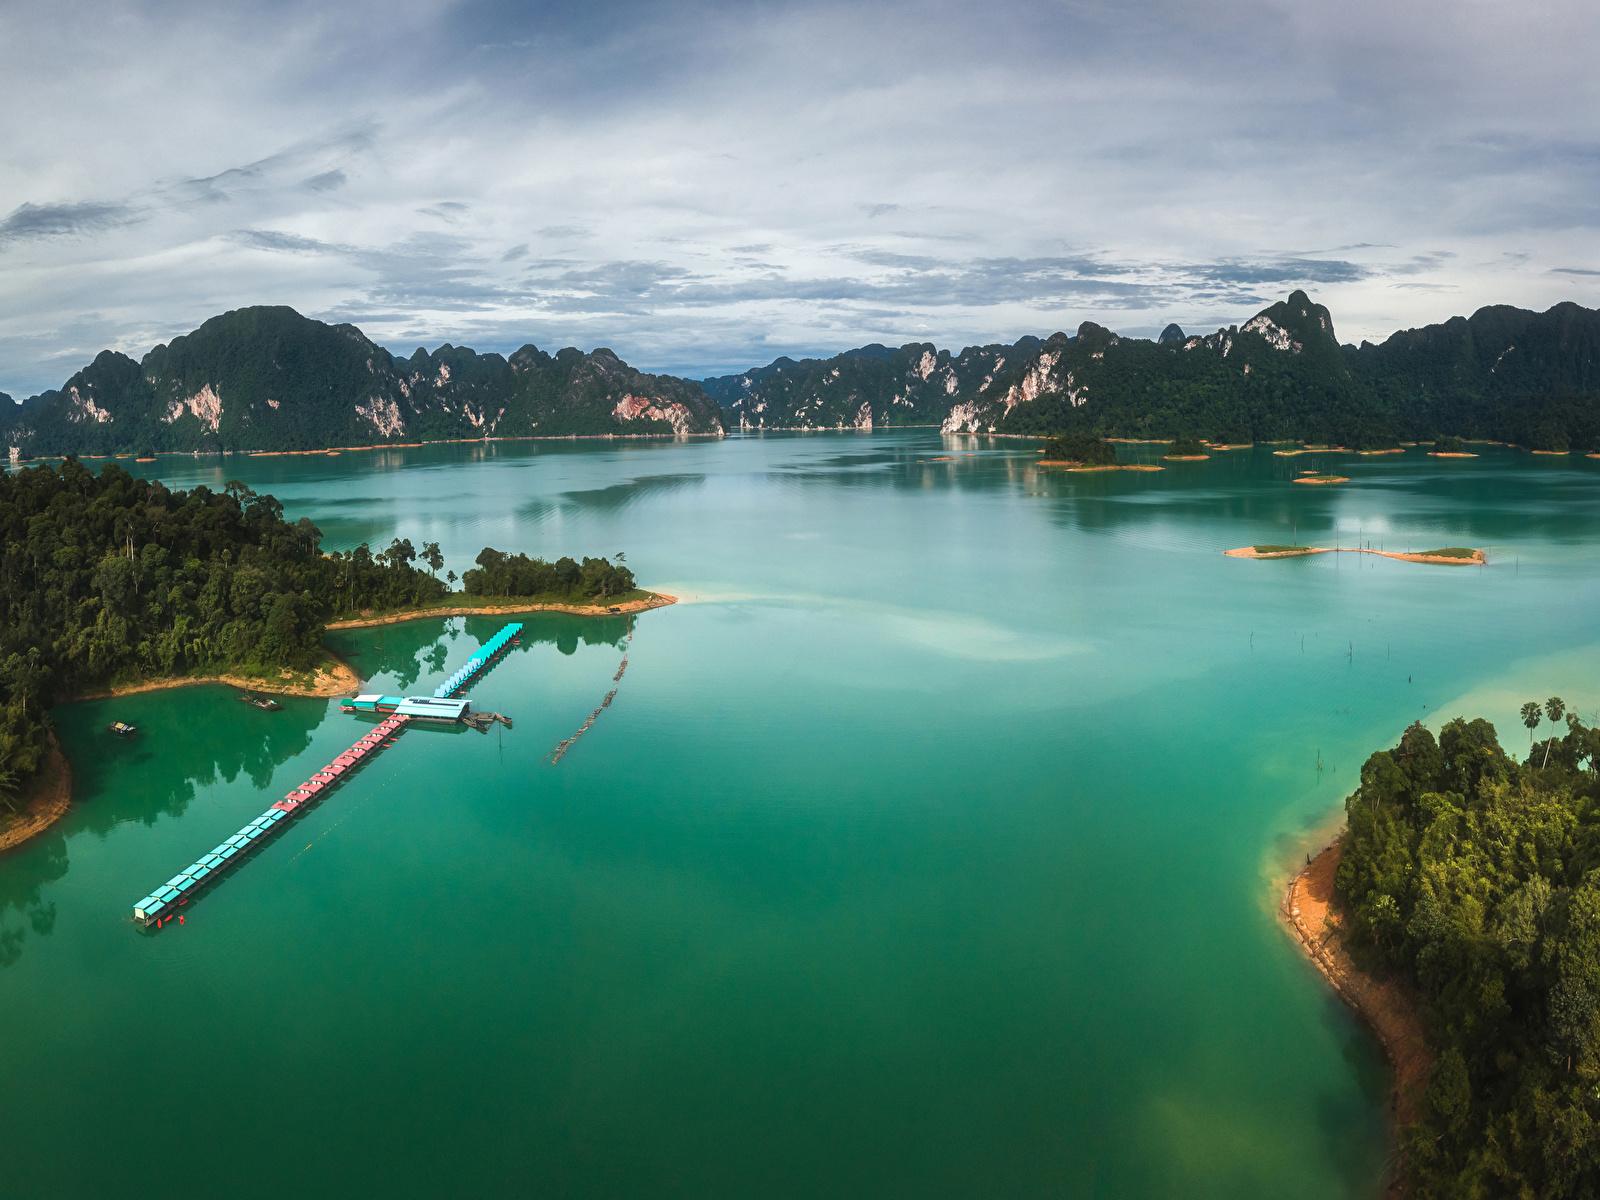 Картинки Таиланд Горы Природа тропический залива Причалы 1600x1200 гора Тропики Залив Пирсы заливы Пристань